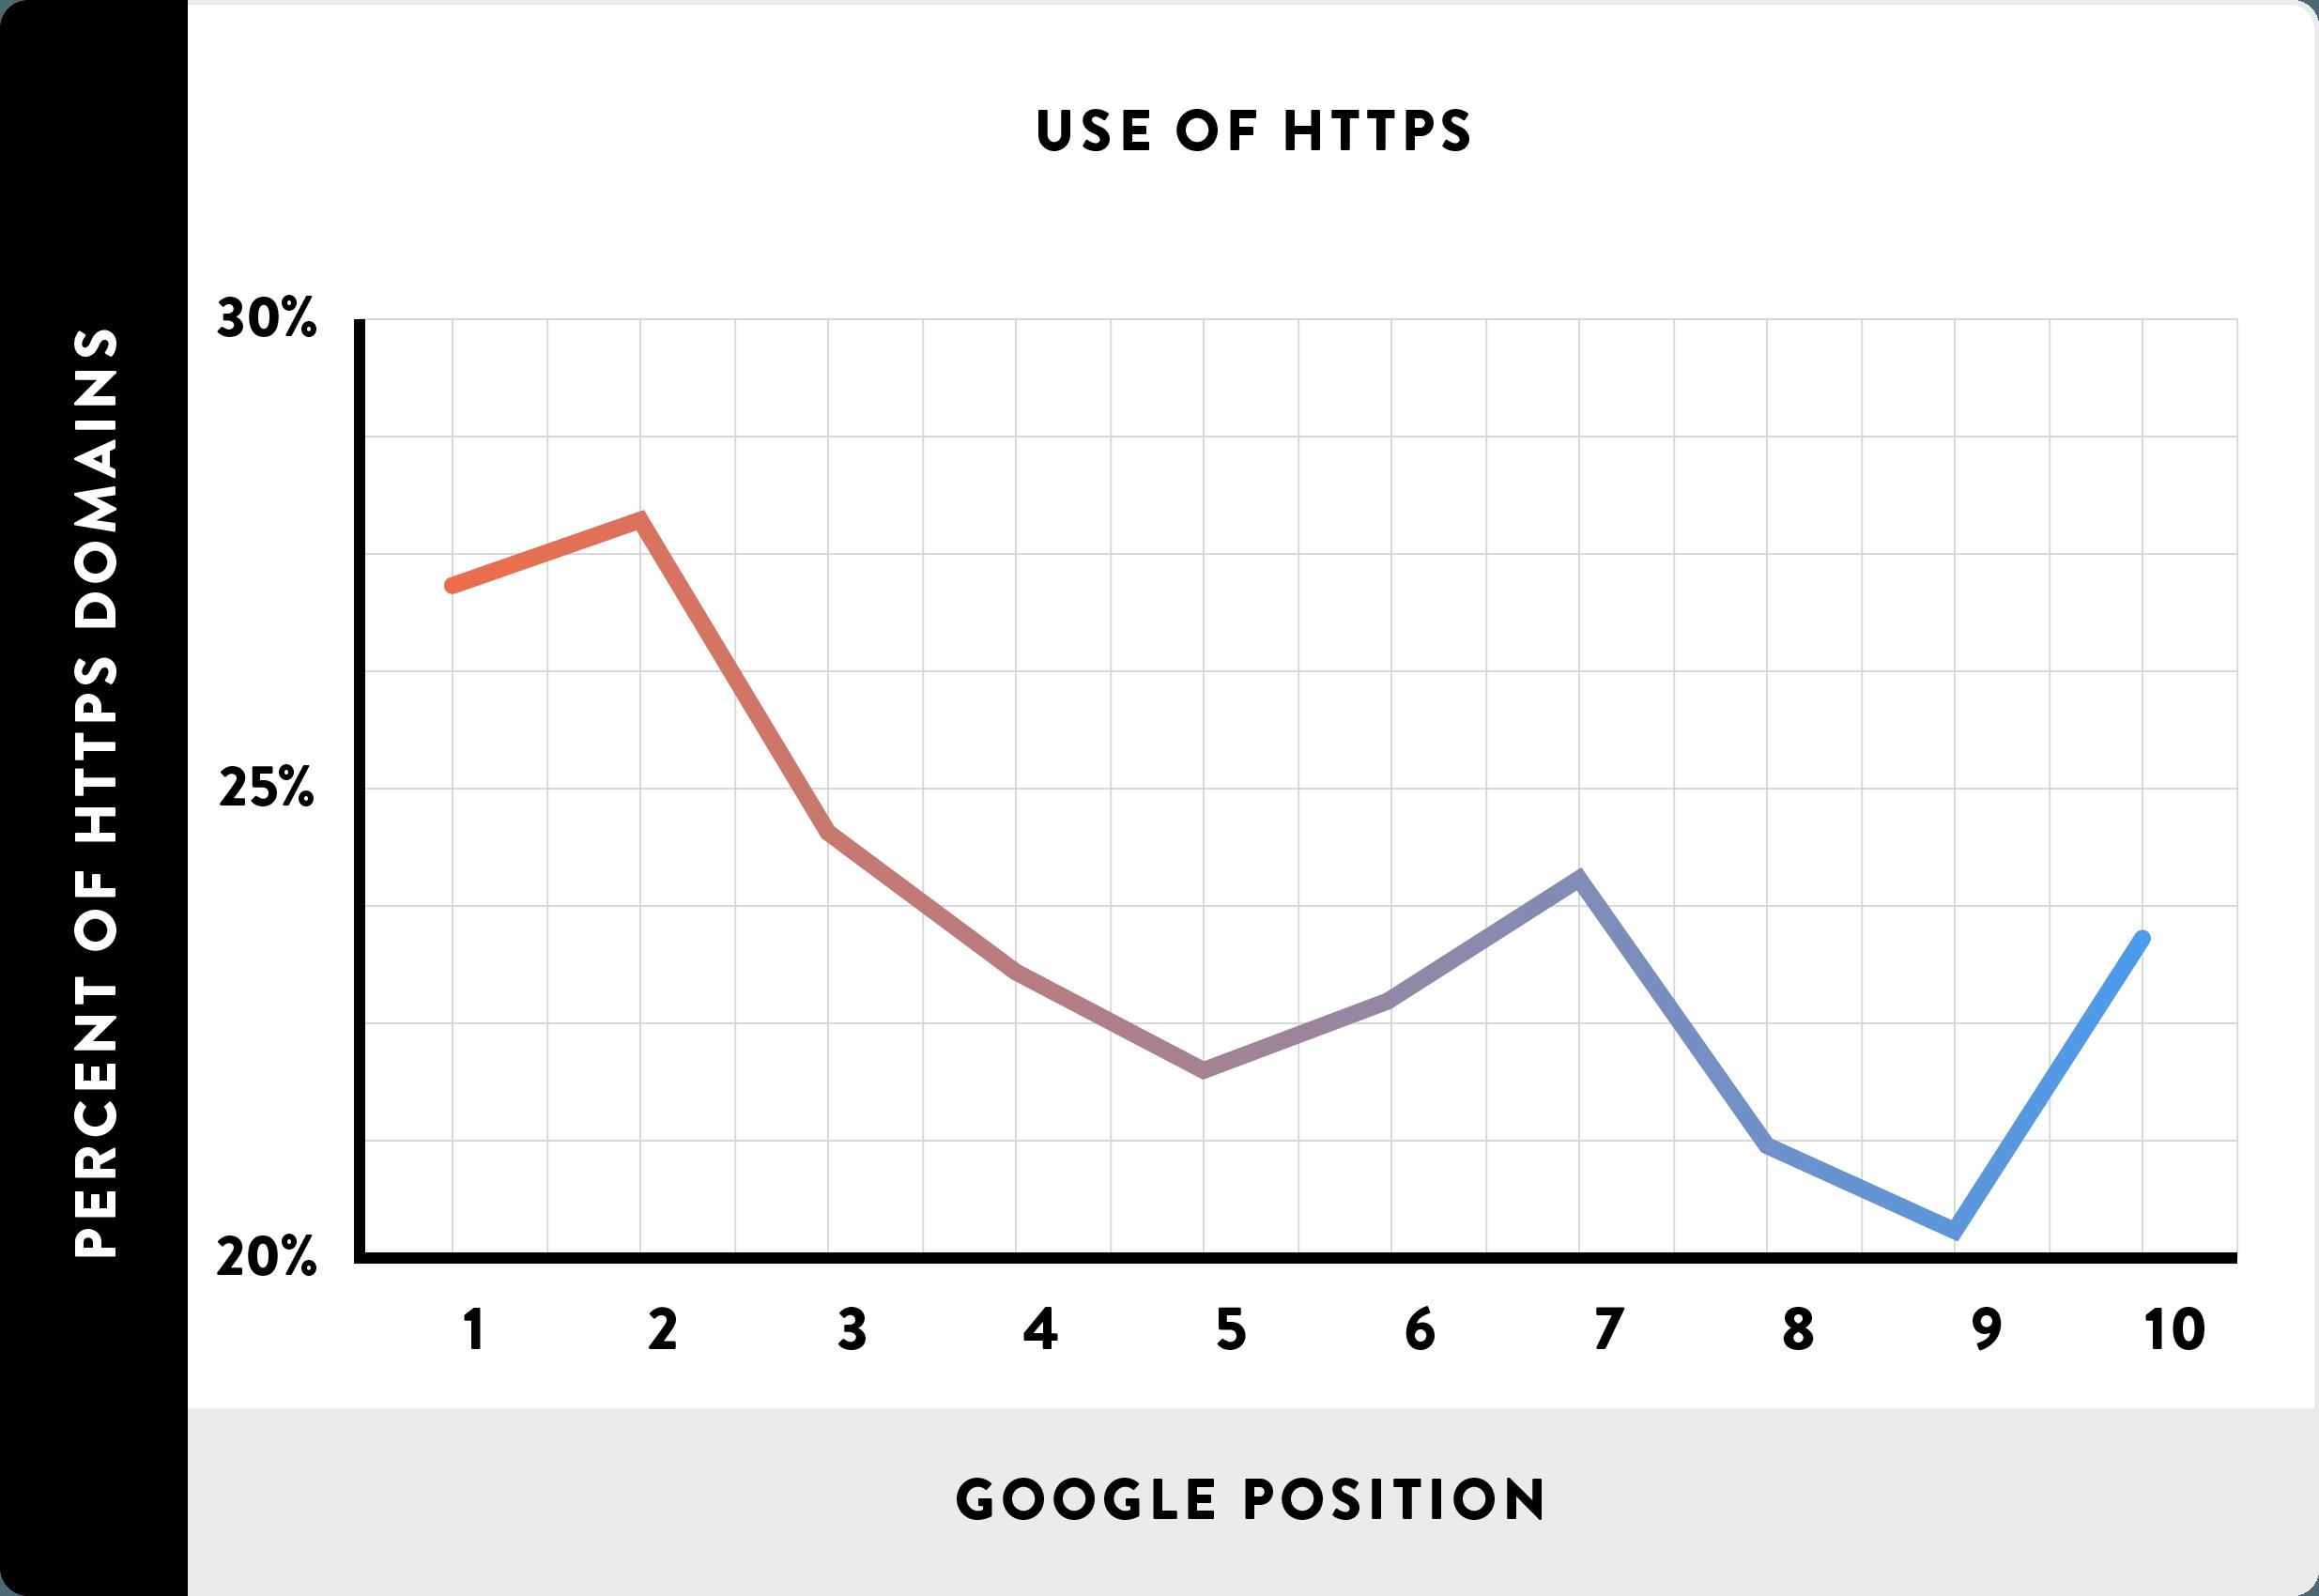 Влияние HTTPS на позиции в Google